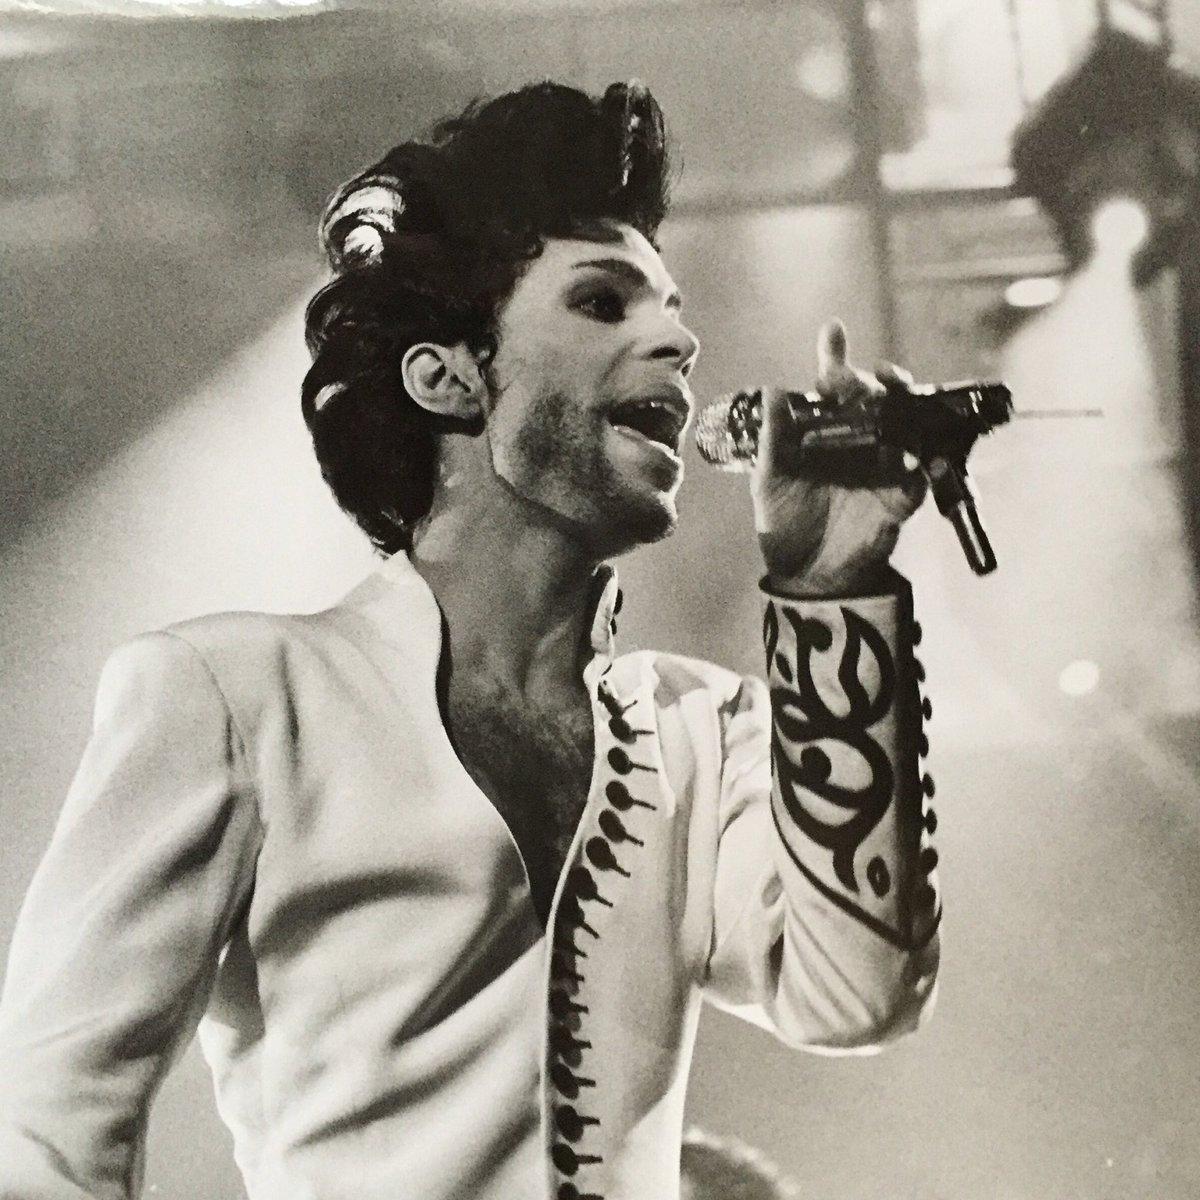 Prince 1992